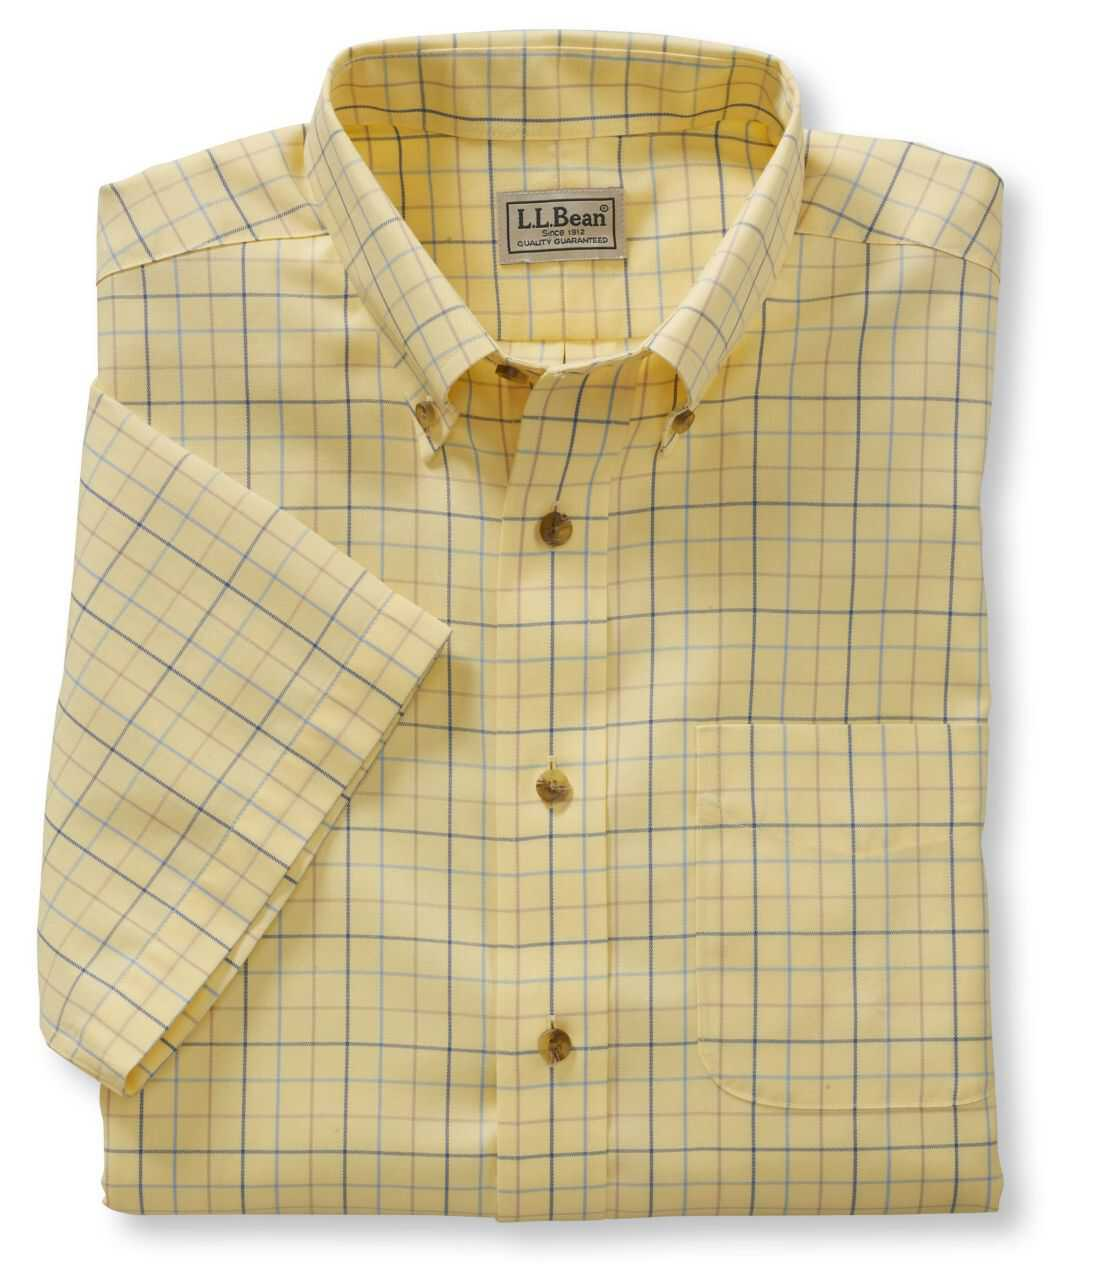 リンクルフリー(形態安定)・ツイル・スポーツ・シャツ、半袖 ウインドウペーン